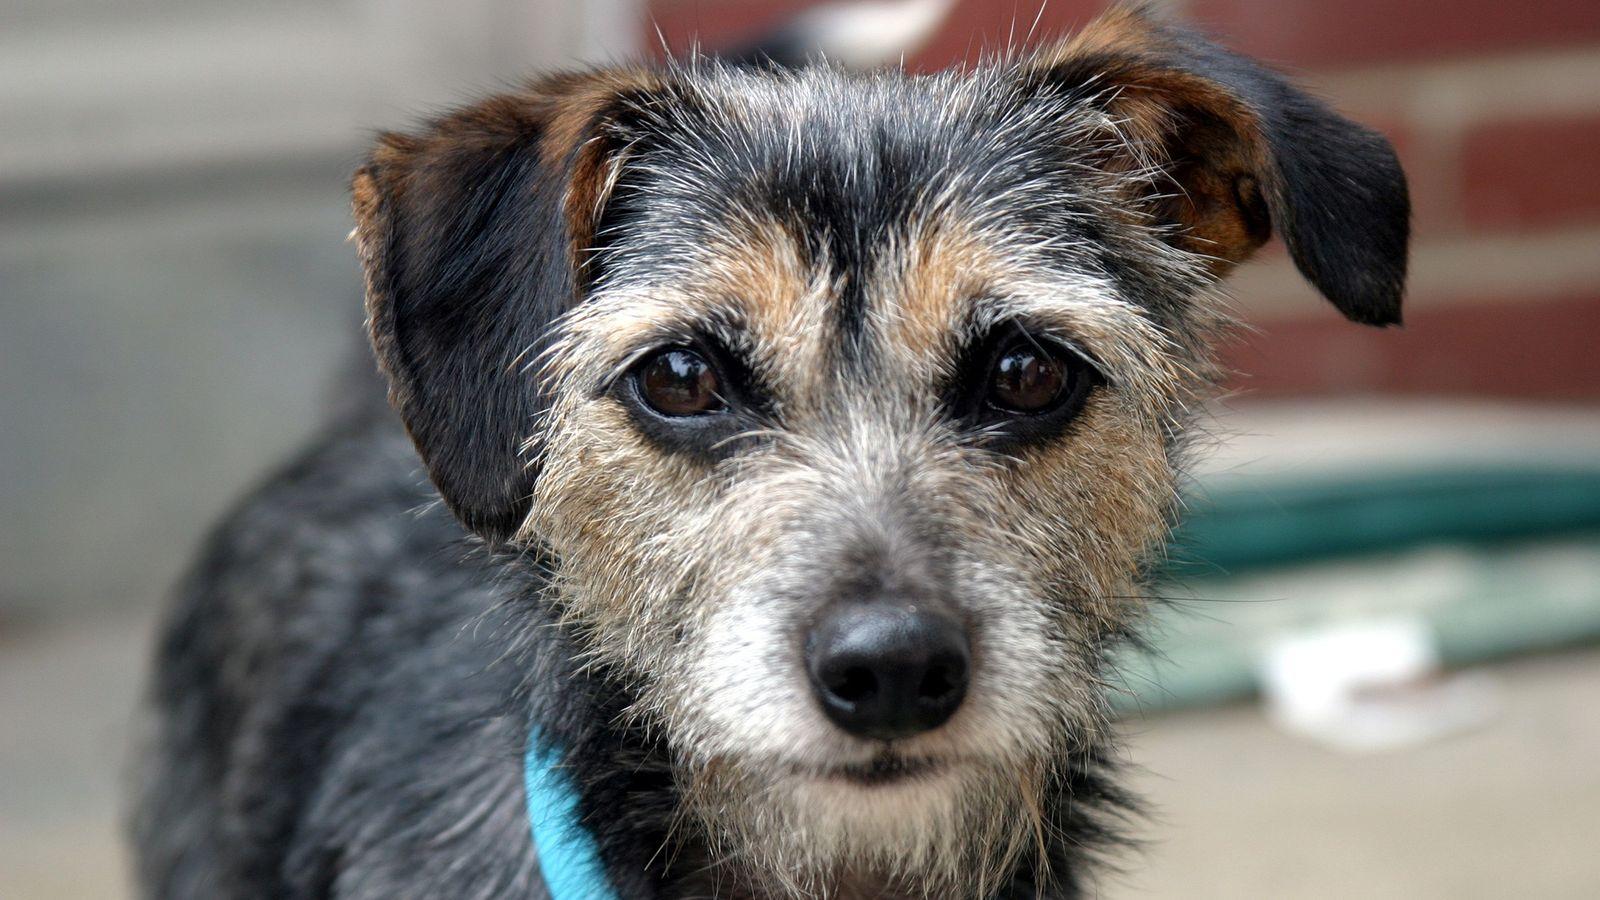 Os cães domésticos têm características físicas e doenças semelhantes às dos humanos, sobretudo doenças oncológicas.